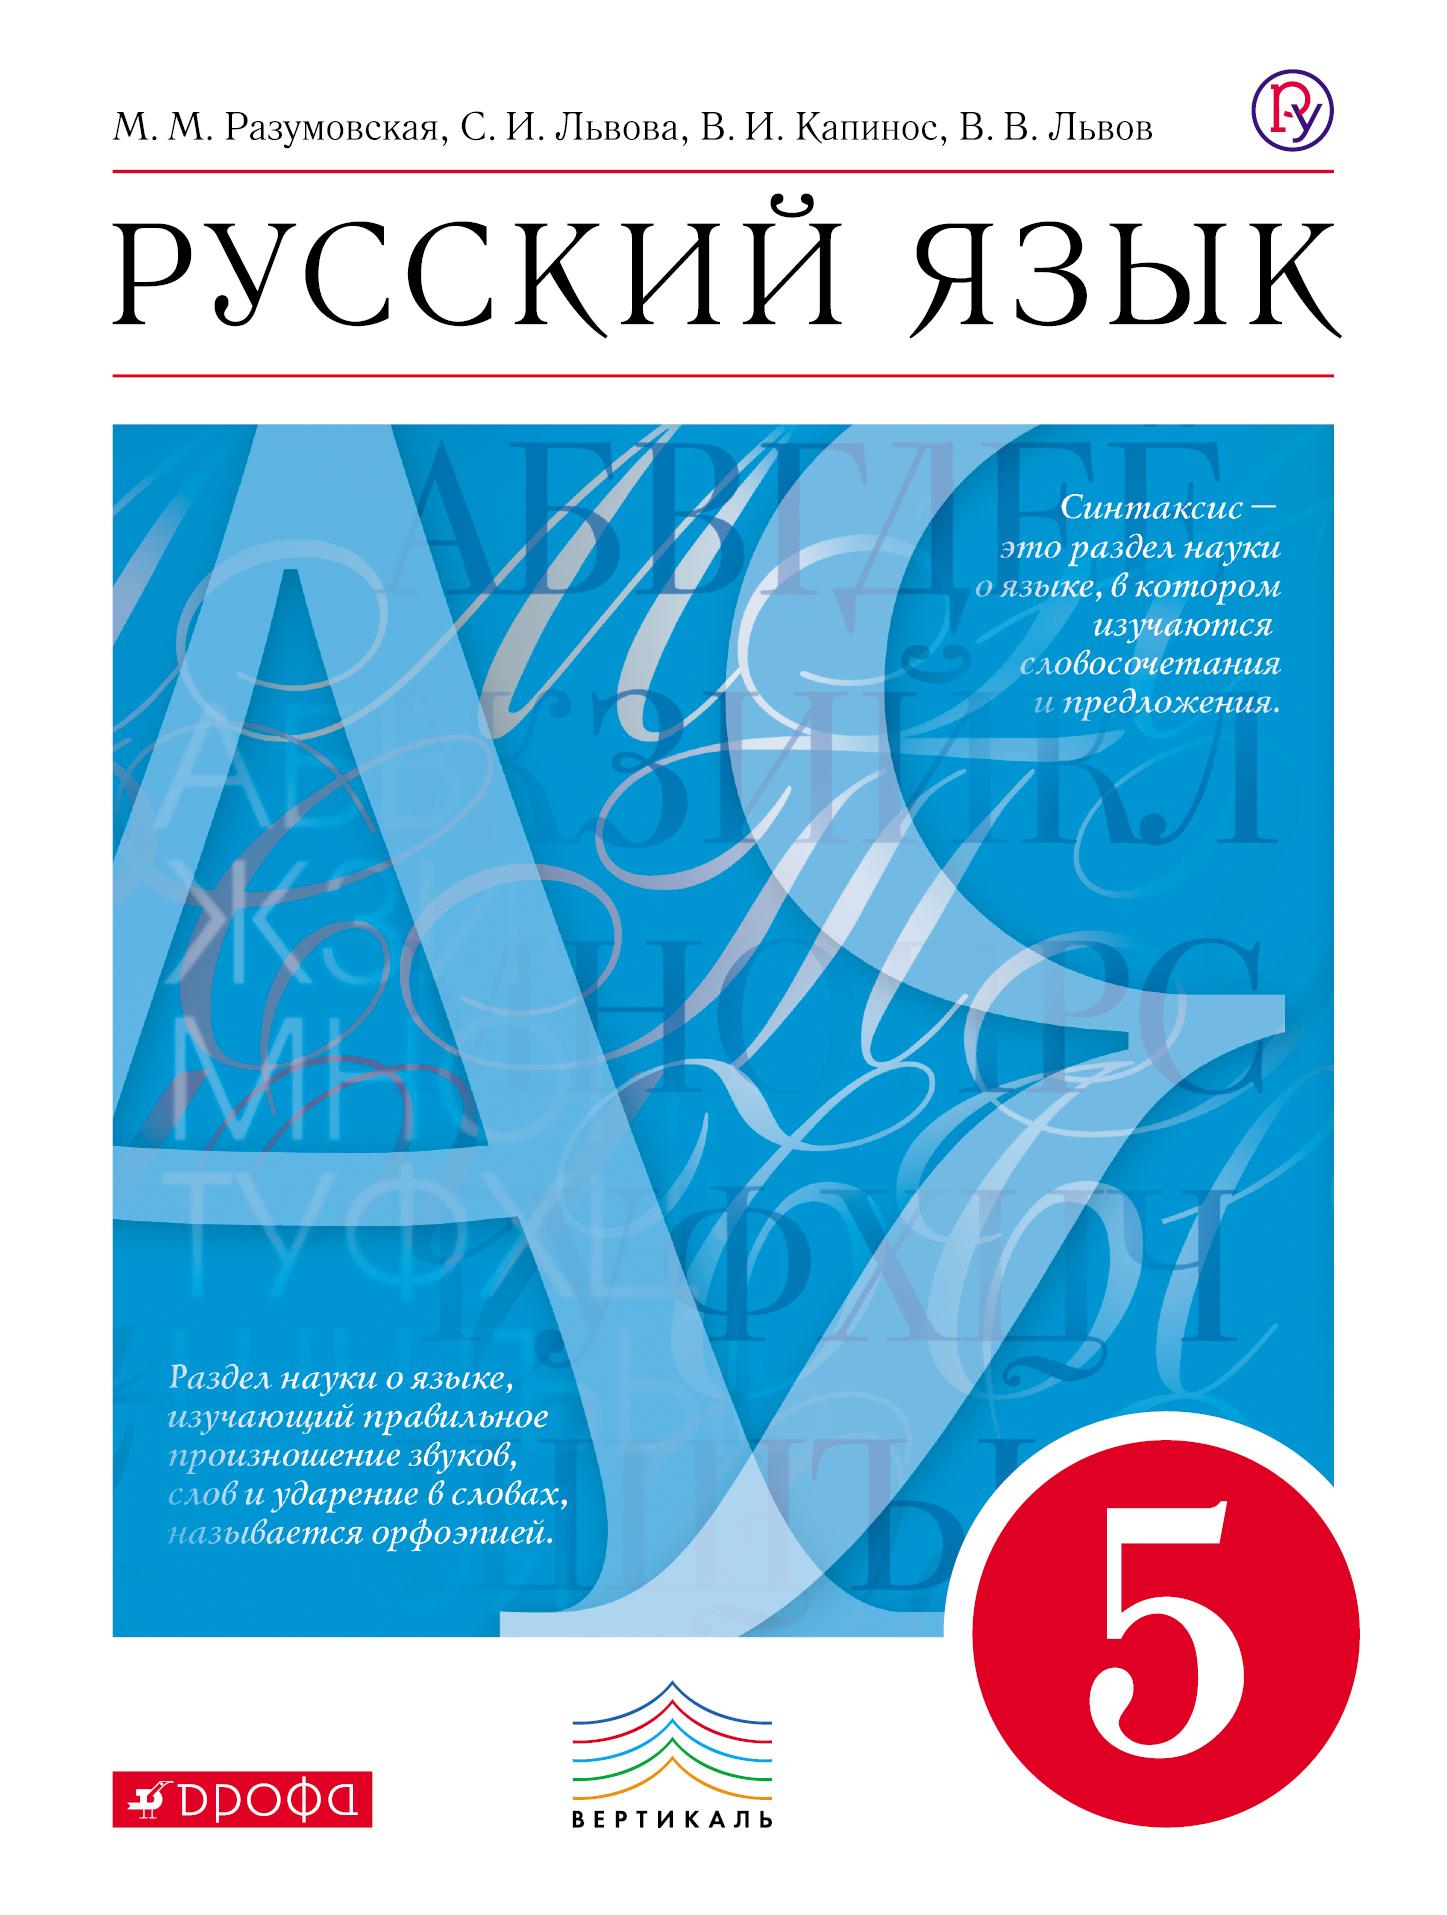 Методические материалы по русскому языку 8 класс программа львовой